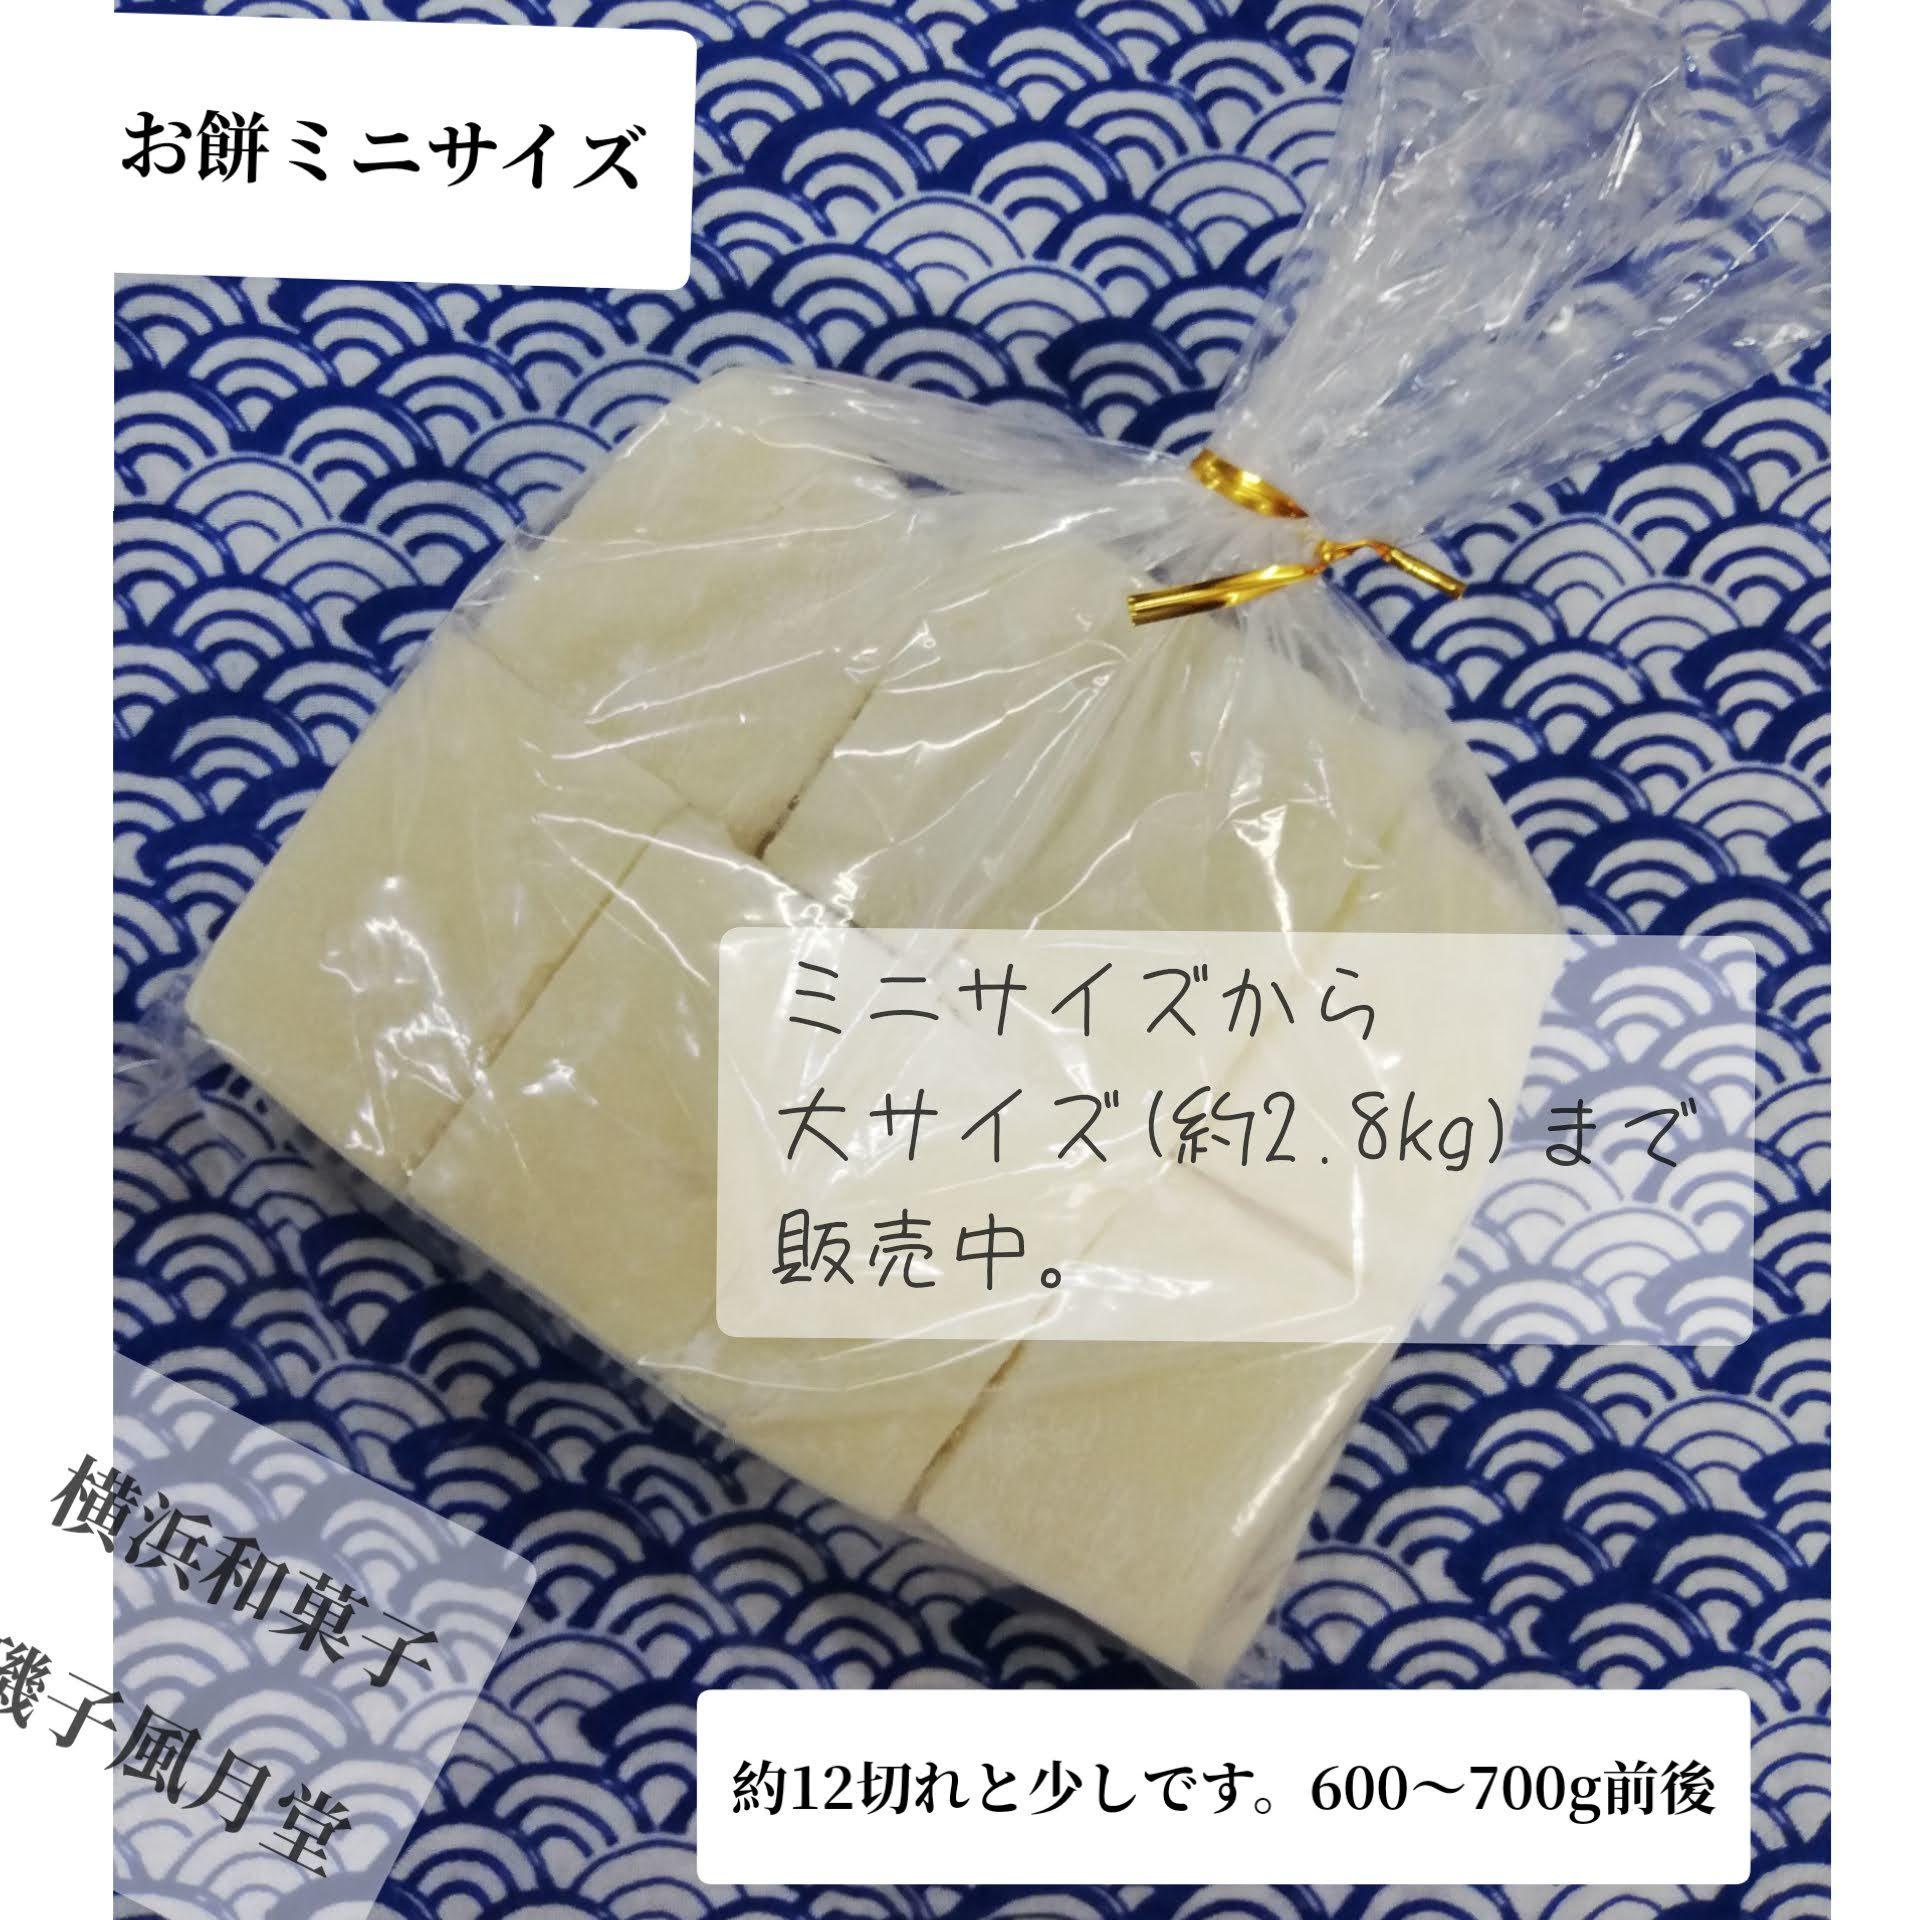 お正月のお餅 通販を始めました 横浜和菓子 磯子風月堂_e0092594_19572768.jpg